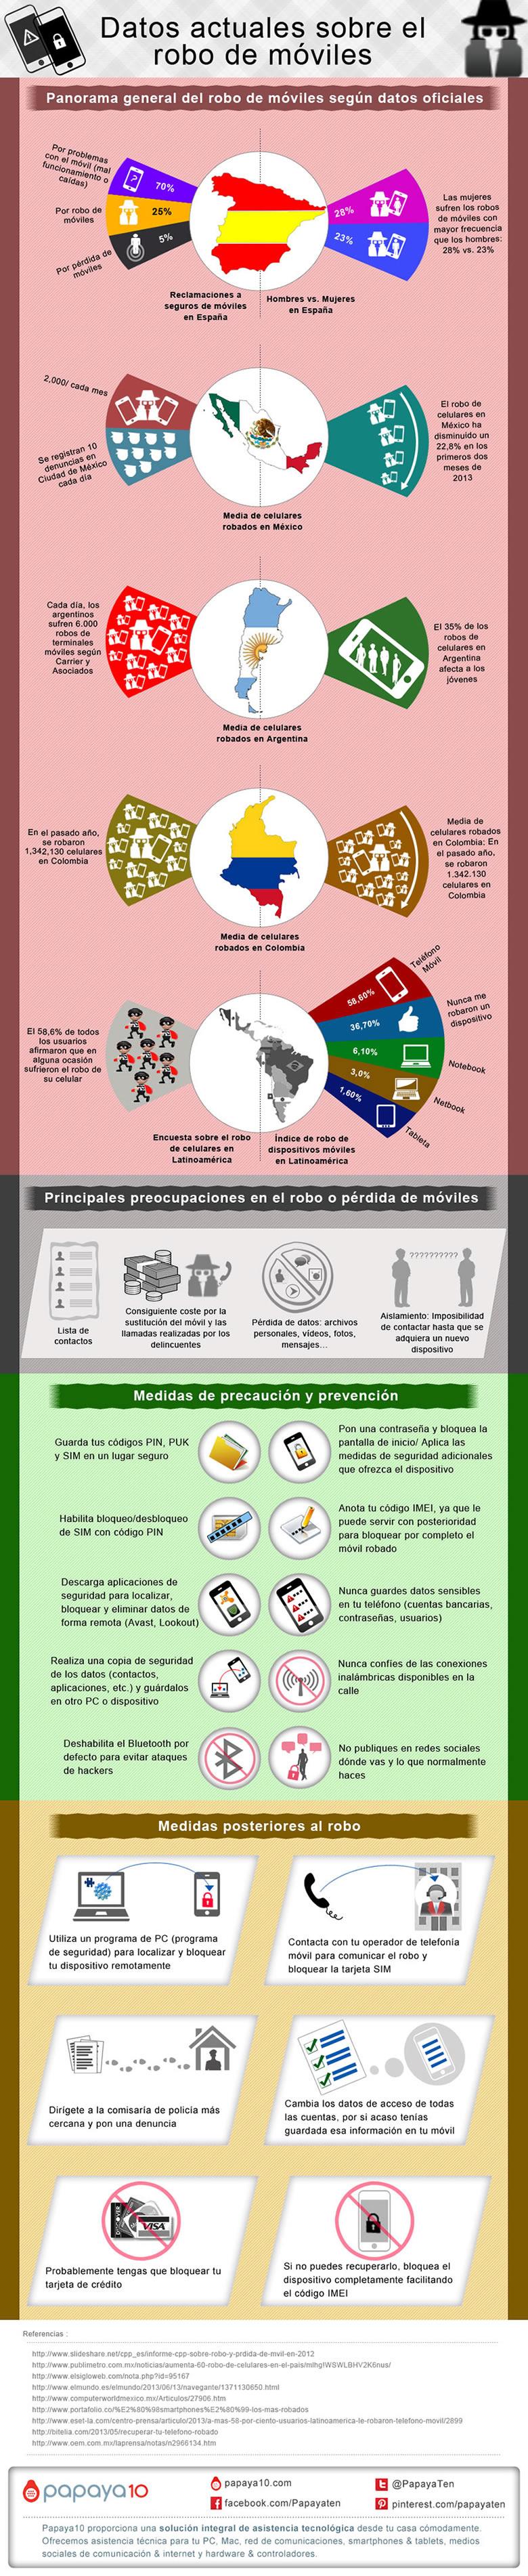 El robo de celulares en Latinoamérica y España, algunos datos que debes saber [INFOGRAFÍA] - robo-celulares-mexico